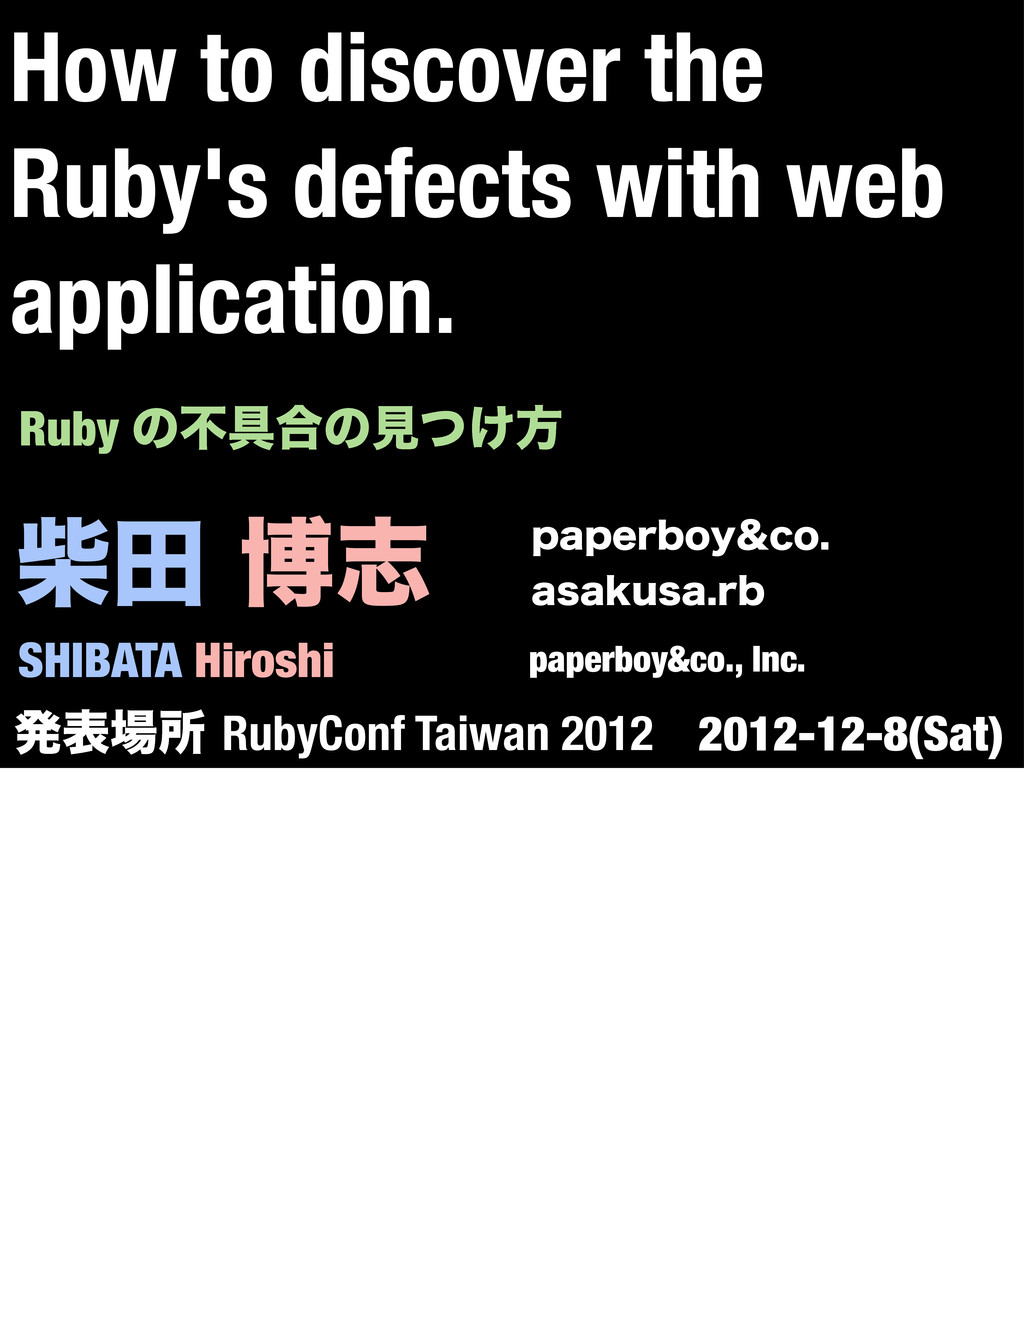 ࣲాതࢤ SHIBATA Hiroshi QBQFSCPZDP BTBLVTBSC p...